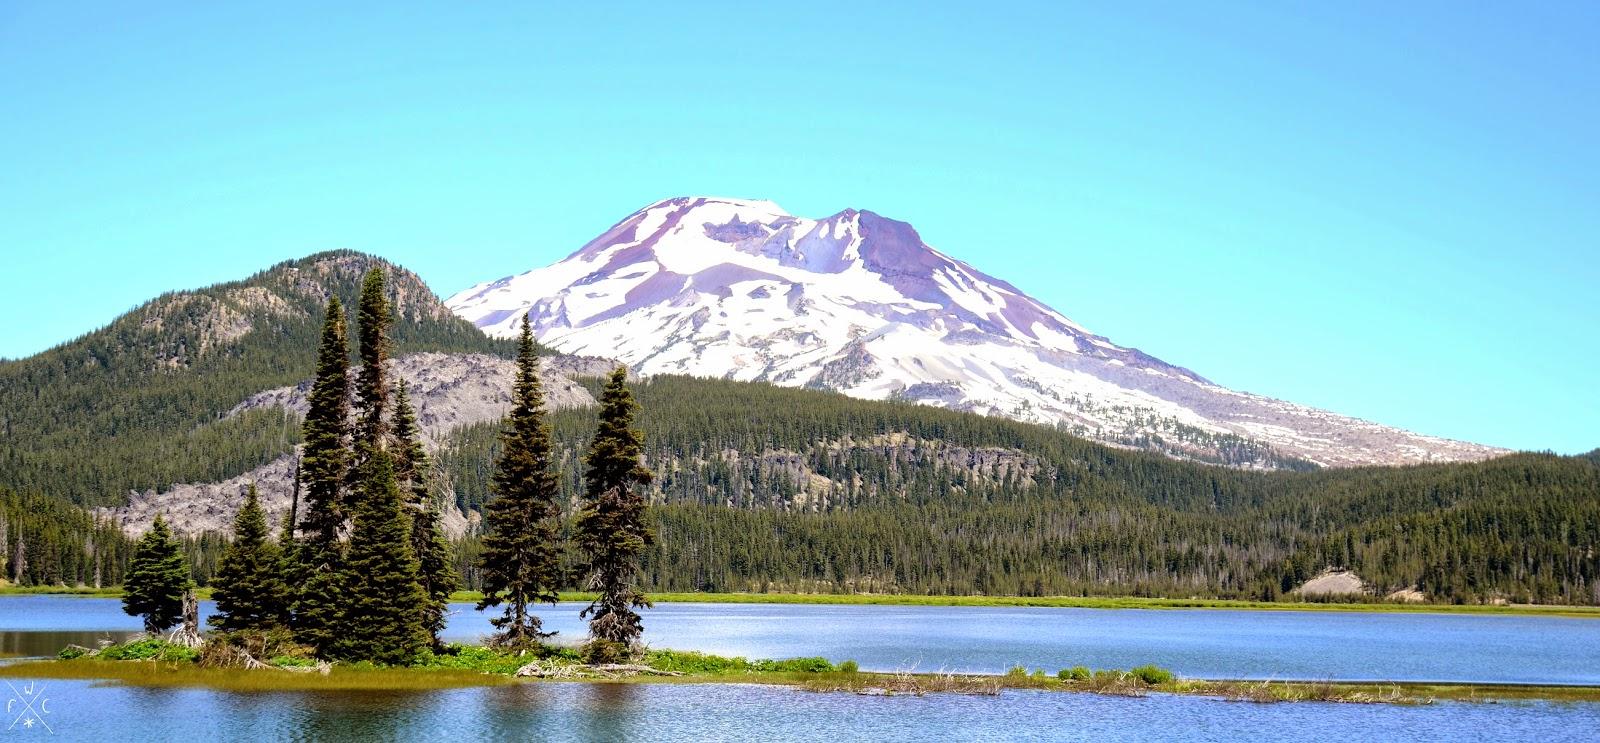 Deschutes National Forest, Oregon, USA